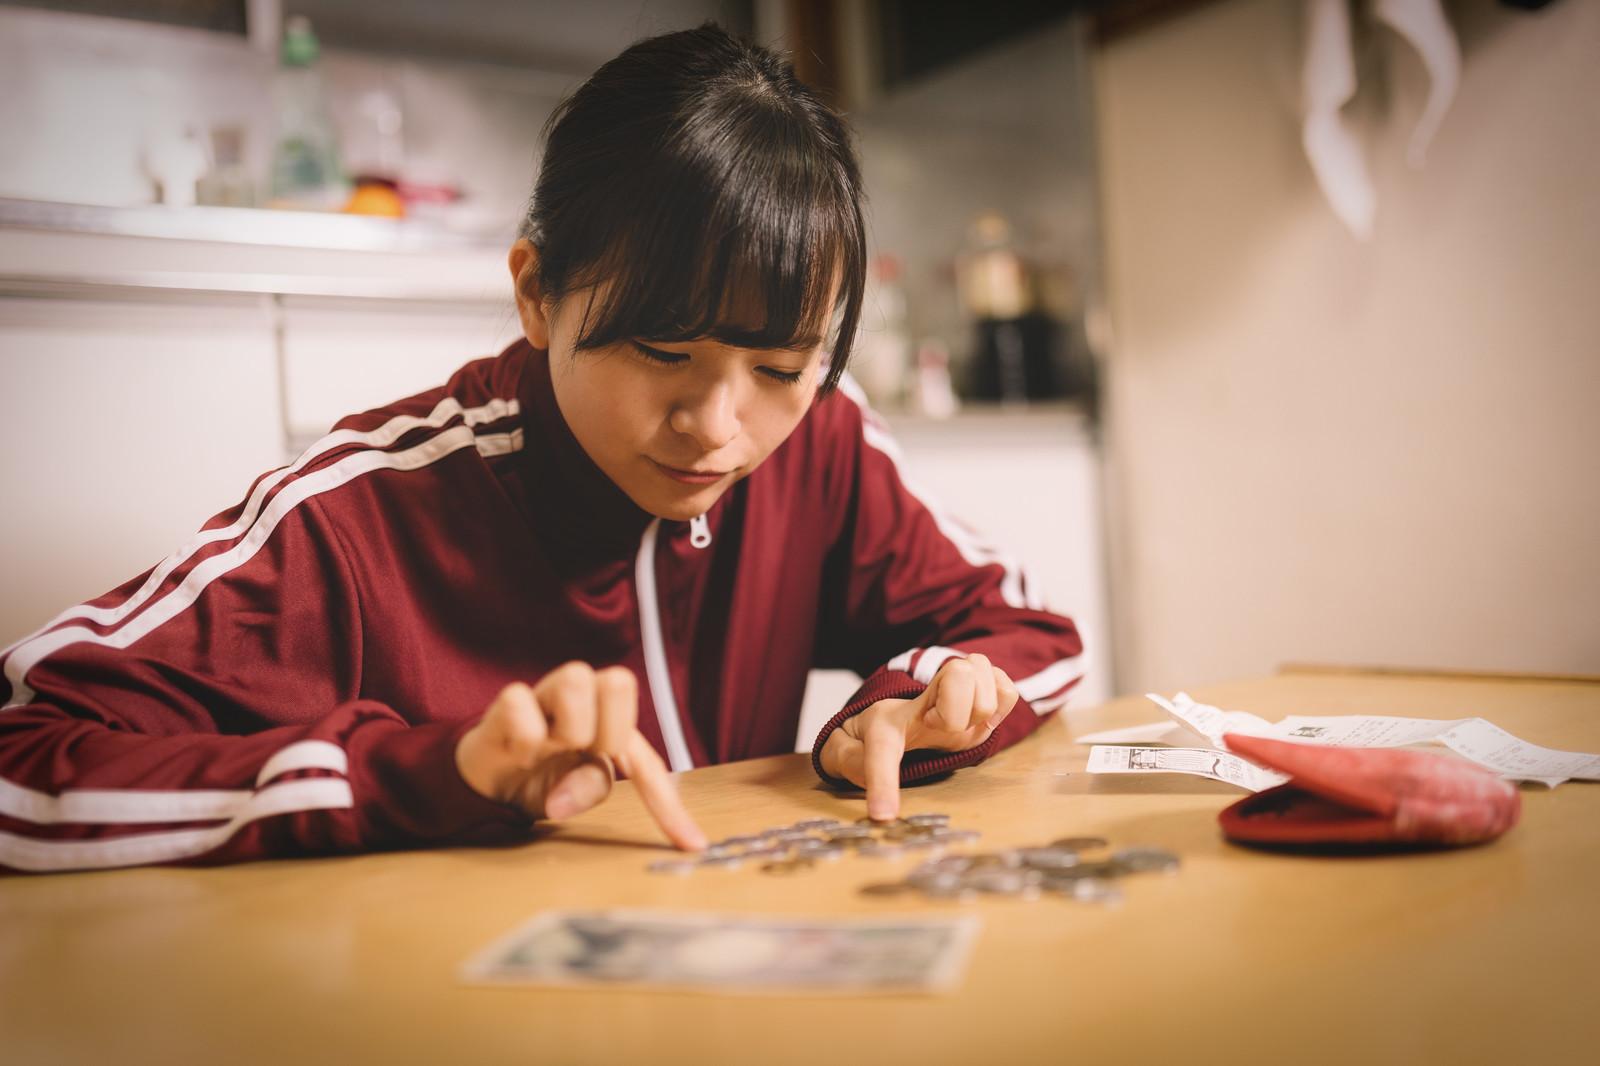 ▲學生,儲蓄,存錢,數錢,預算,家庭,規劃,財務,高中生,零用錢。(圖/pakutaso)